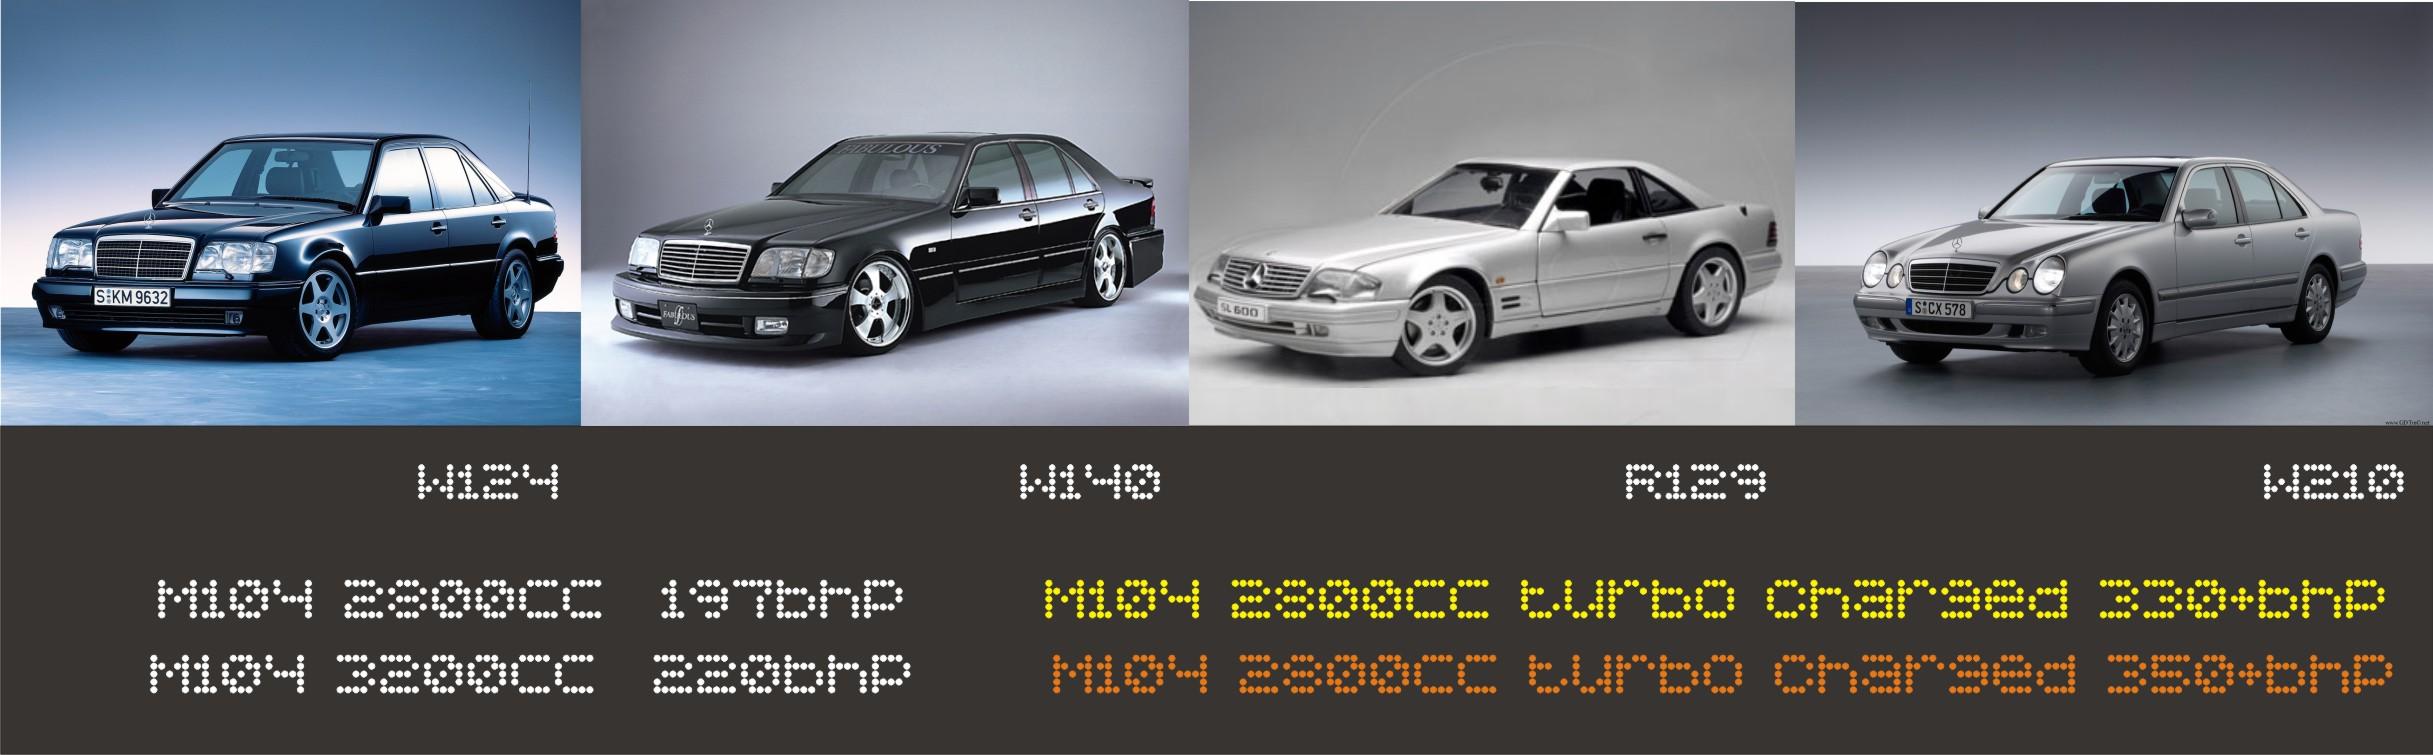 Turbo Kits : Mercedes Benz M104 : Czy MAD : MAD : Max Auto